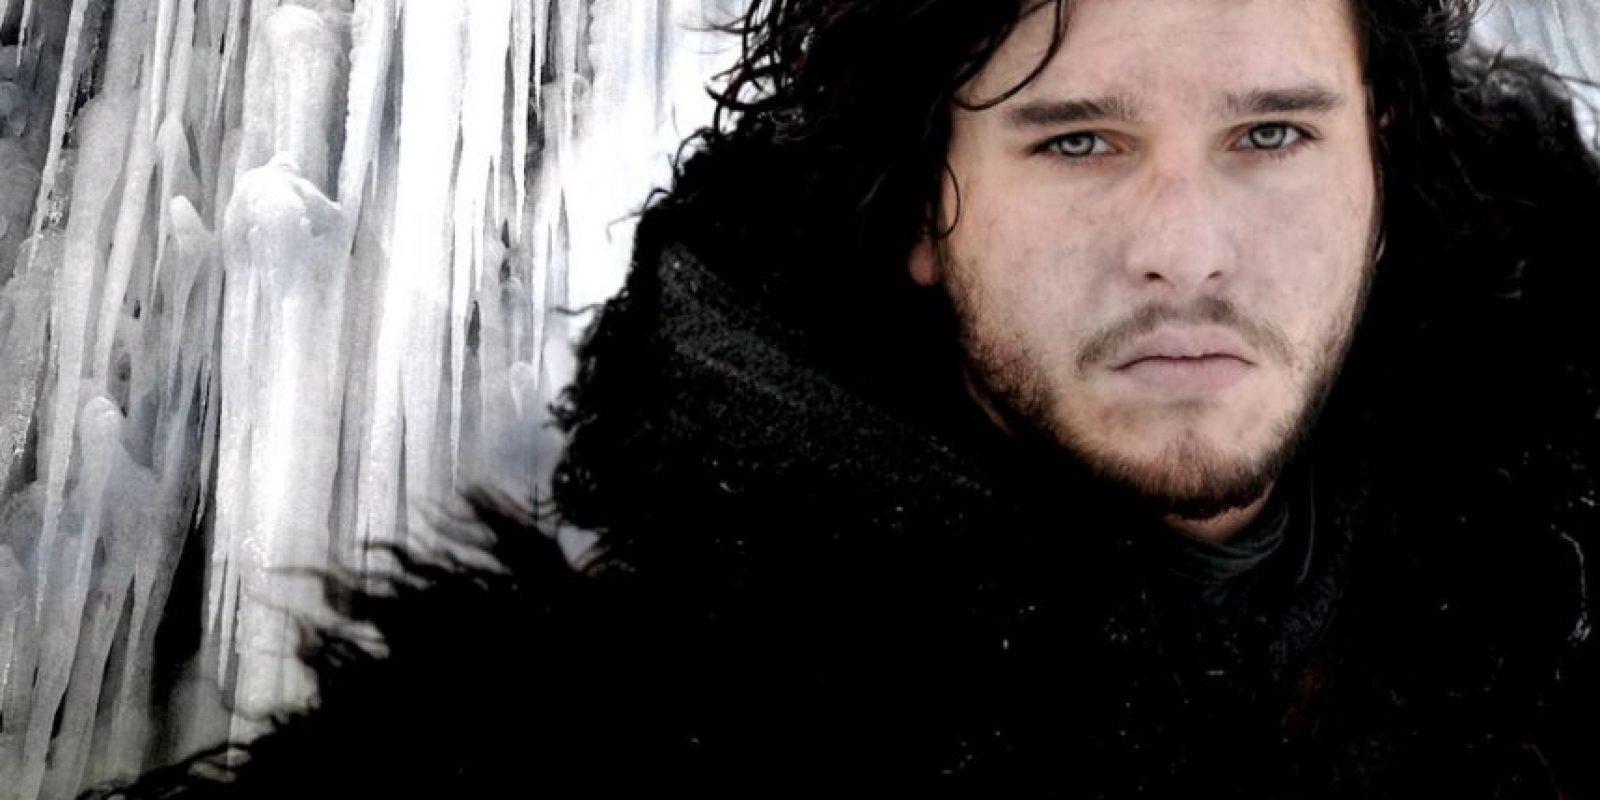 """Jon Snow, interpretado por Kit Harington. Es uno de los personajes principales en """"Game of Thrones"""" Foto:HBO"""